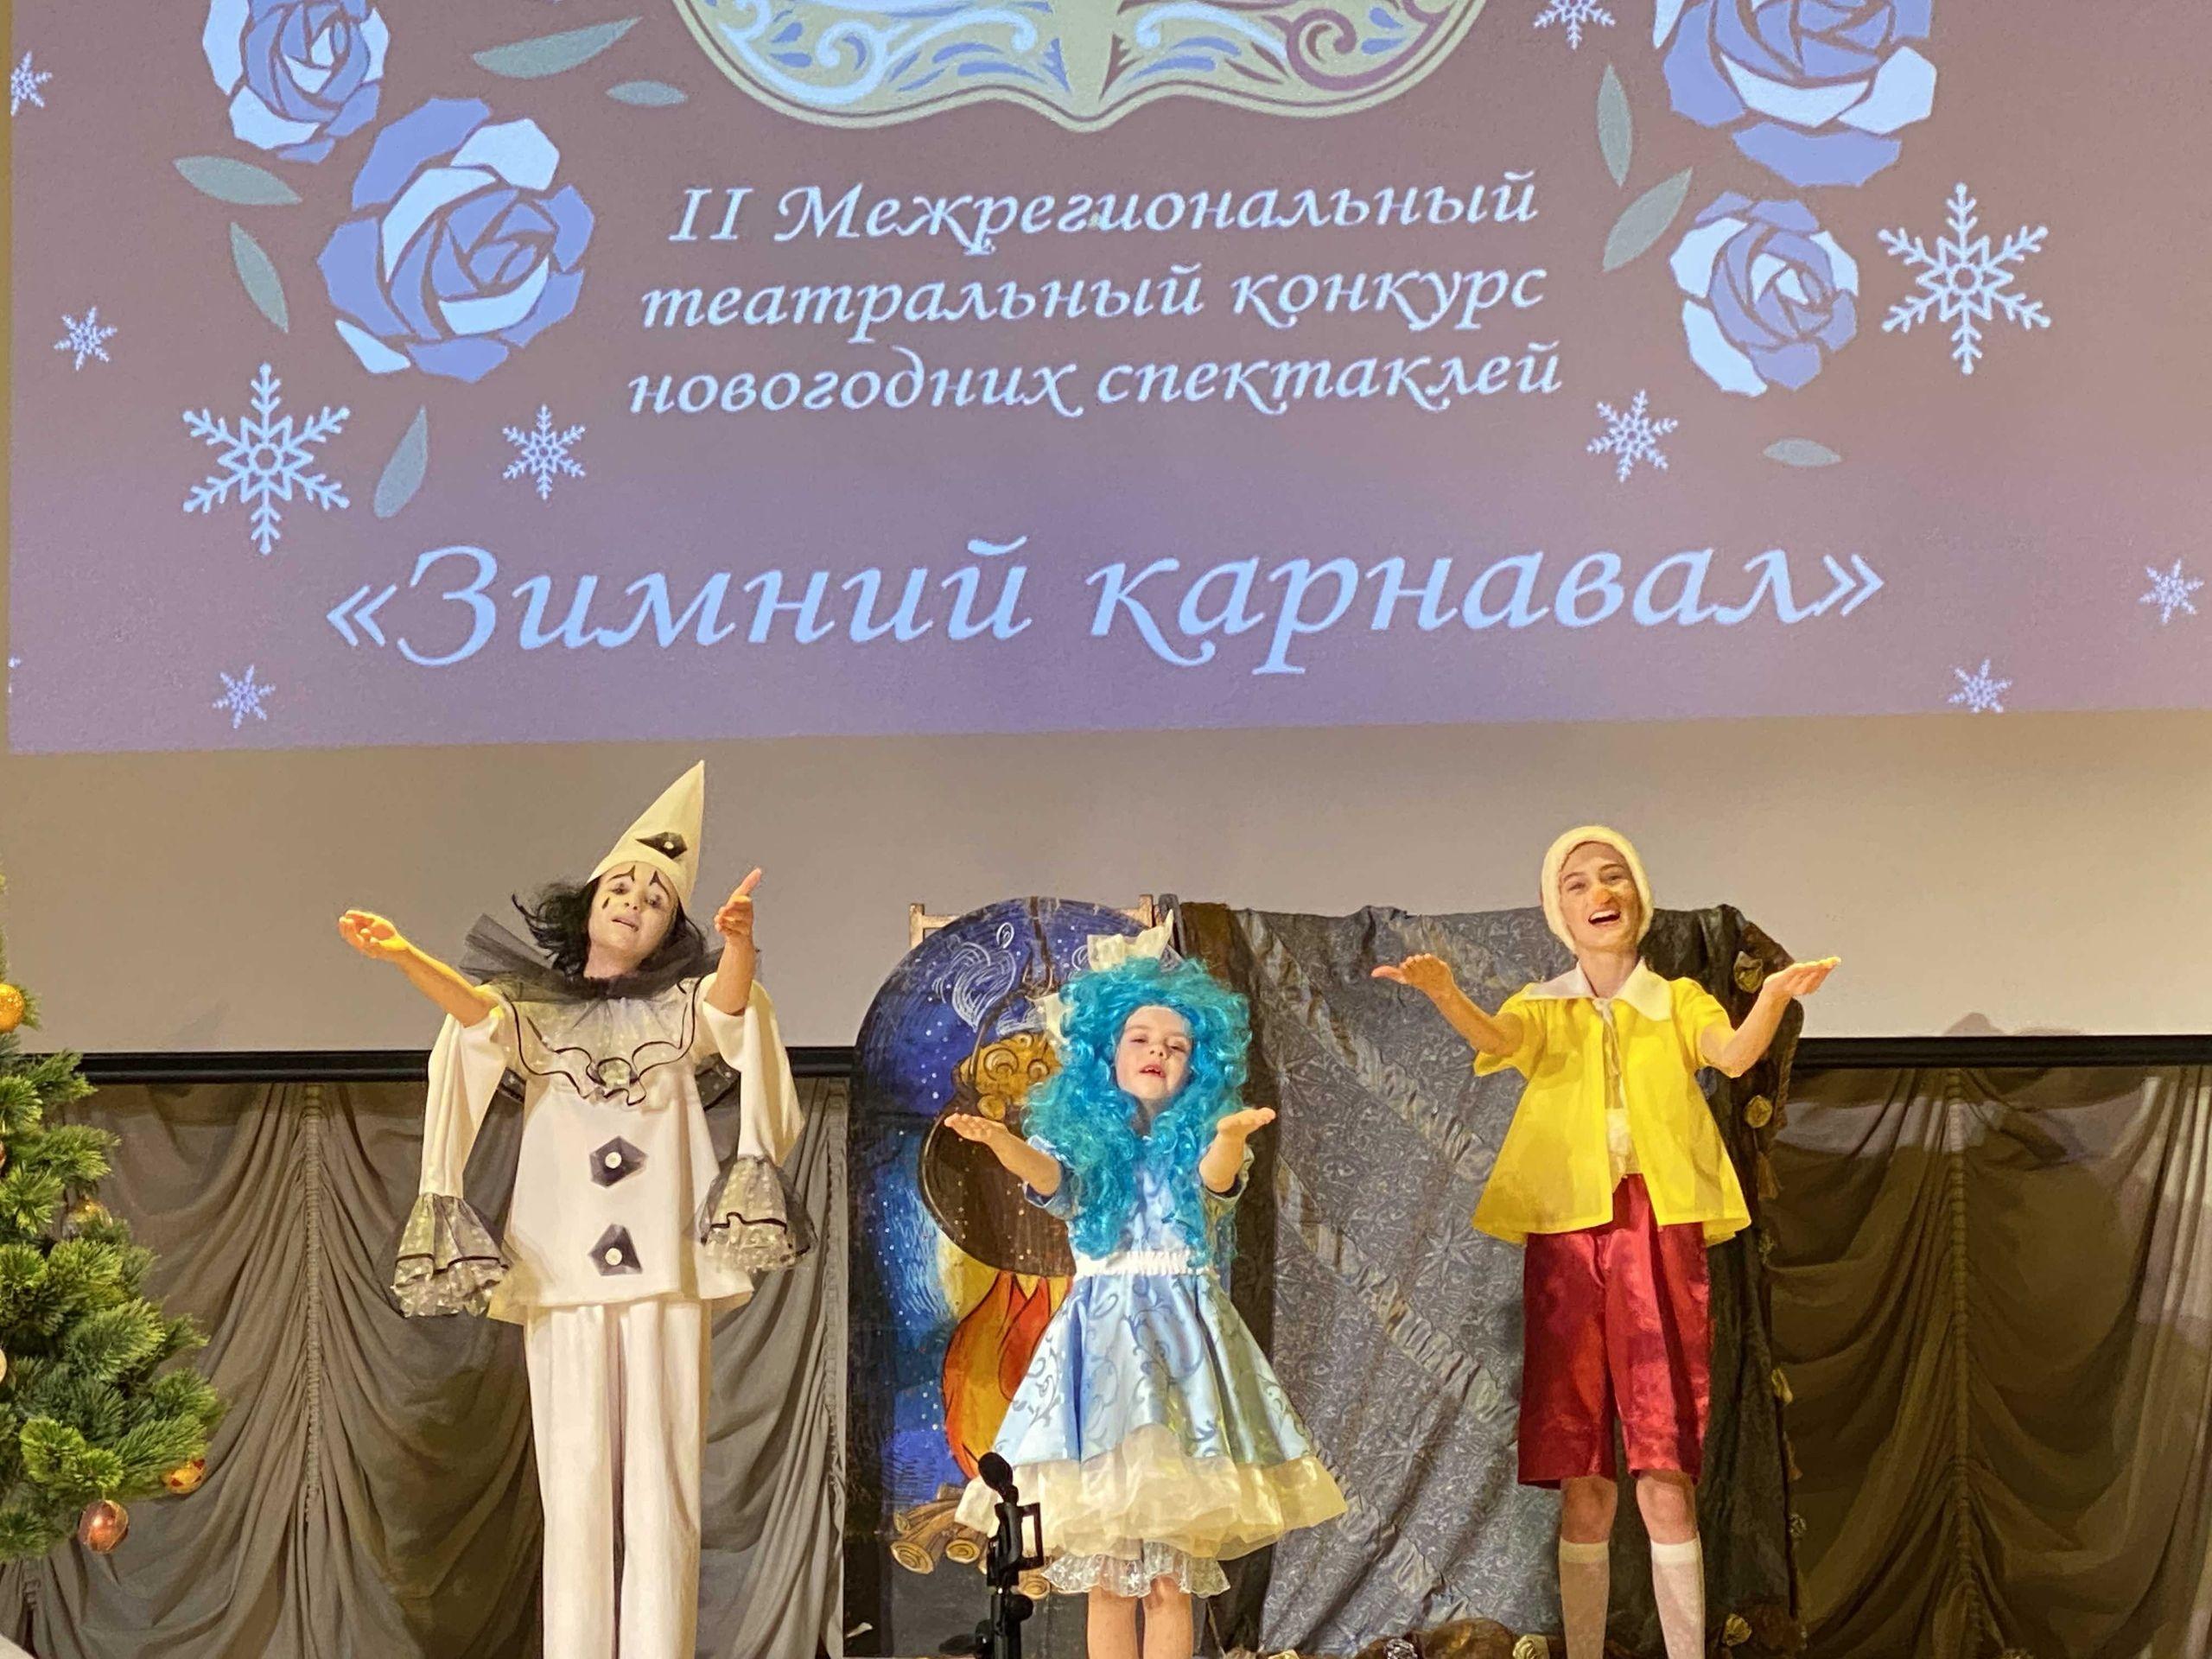 Театральная терапия: конкурс «Зимний карнавал» провели в Рязановском